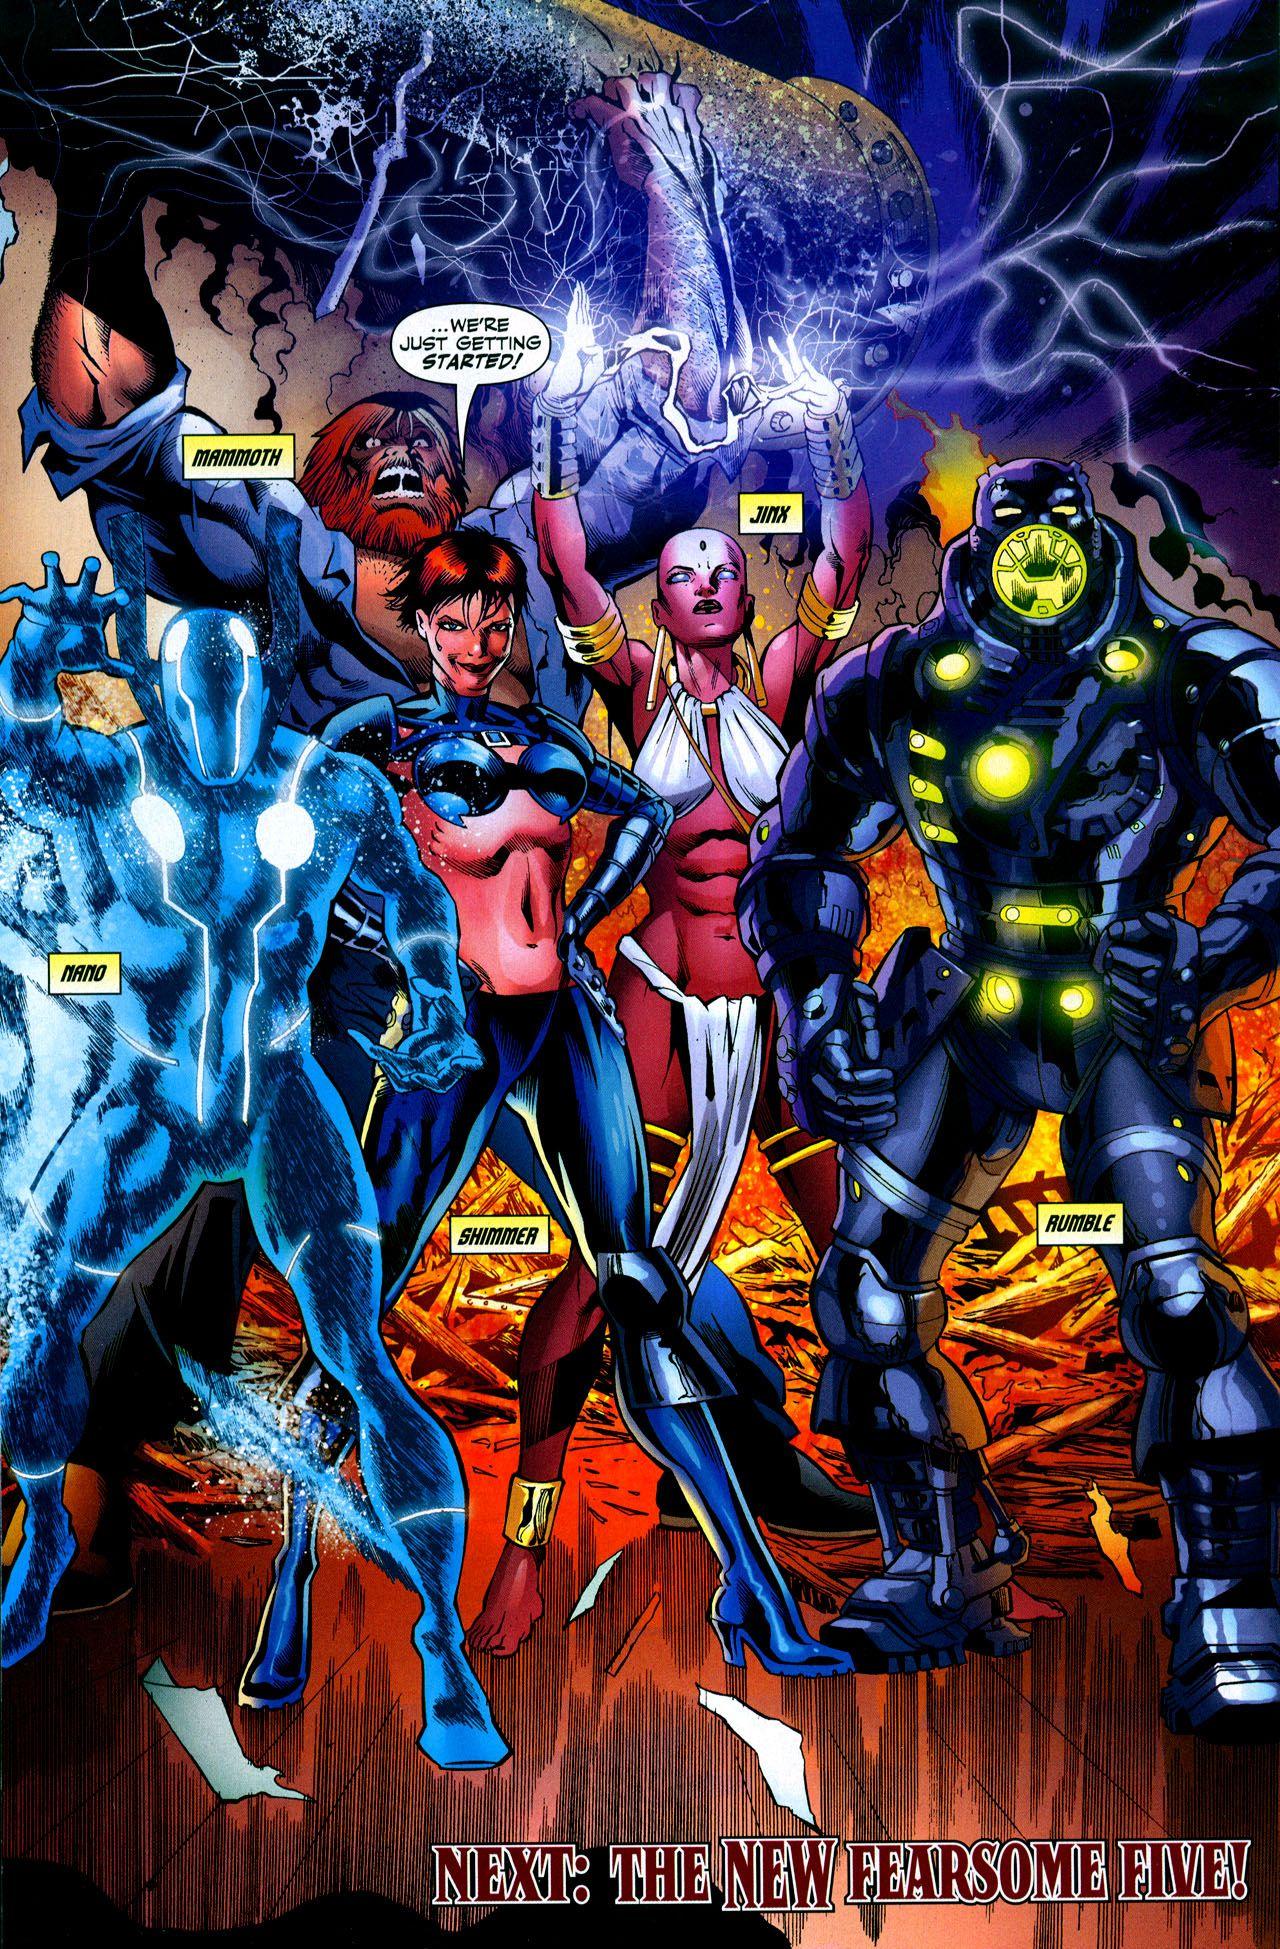 Jinx Dc Comics  Teen Titans Jinx Dc Comics  Teen Titan  Teen Titans -6210